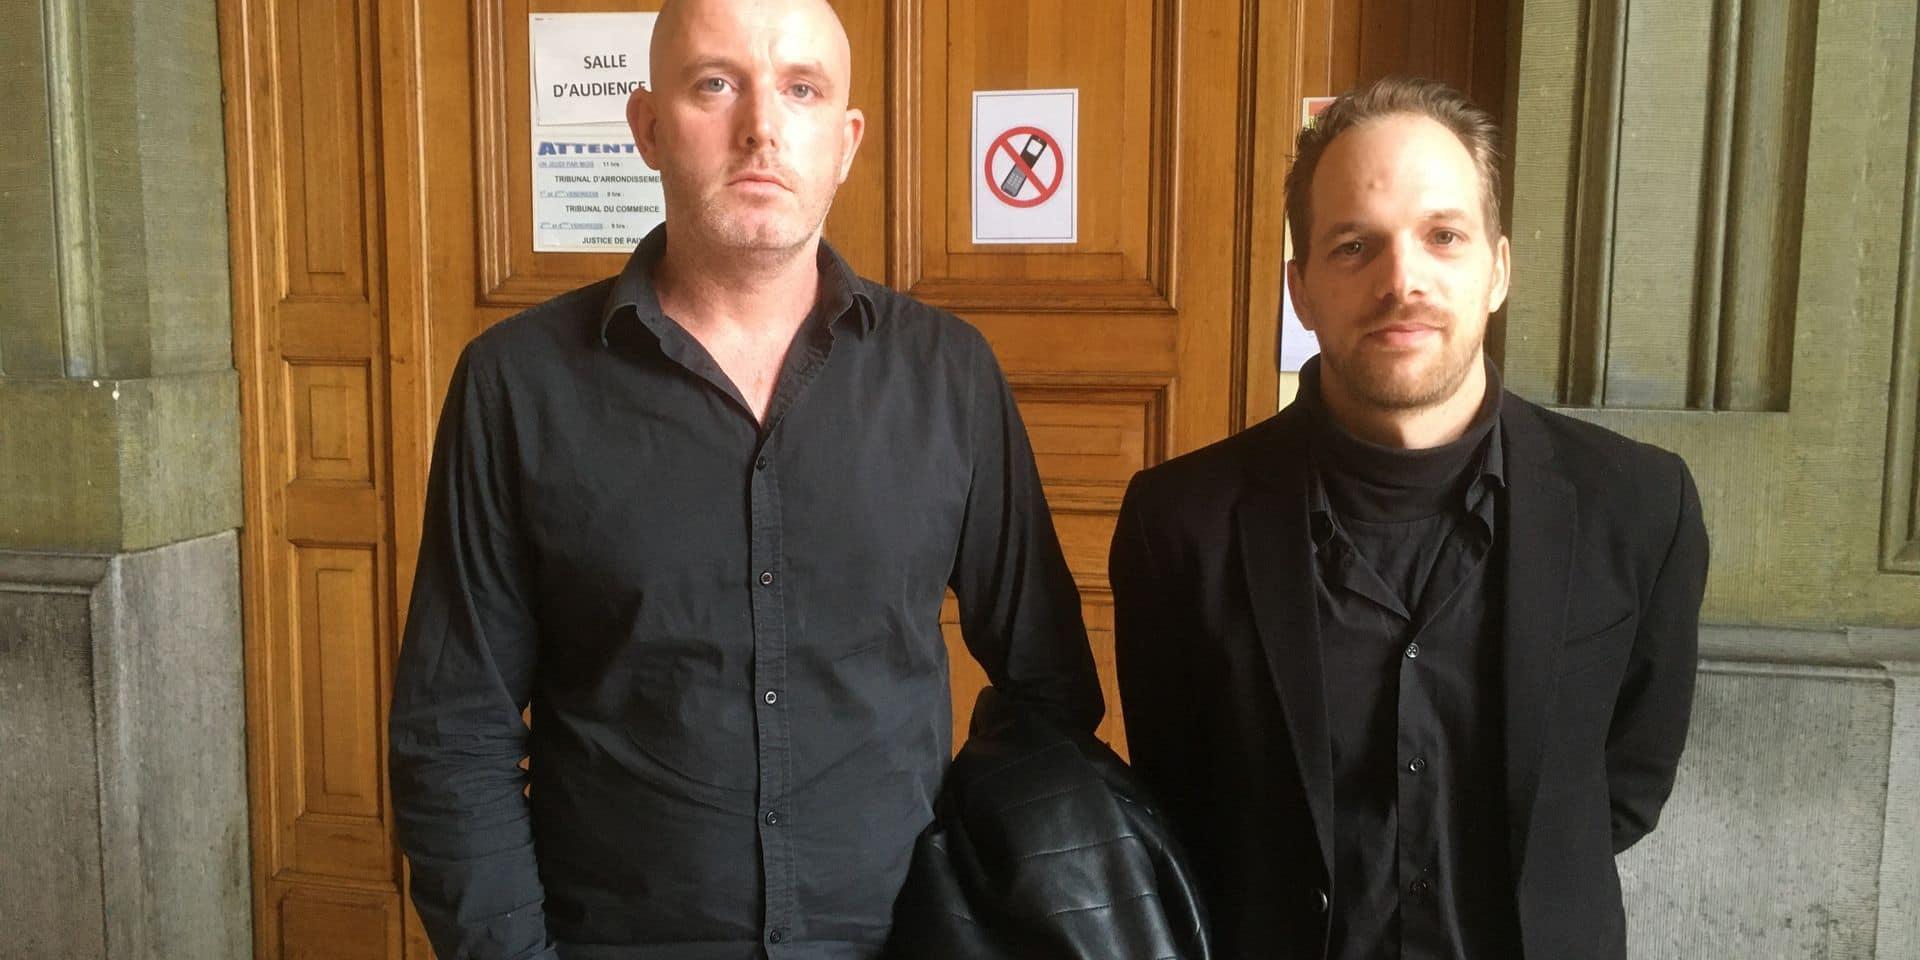 Quentin Desirotte coupable de tentative d'homicide